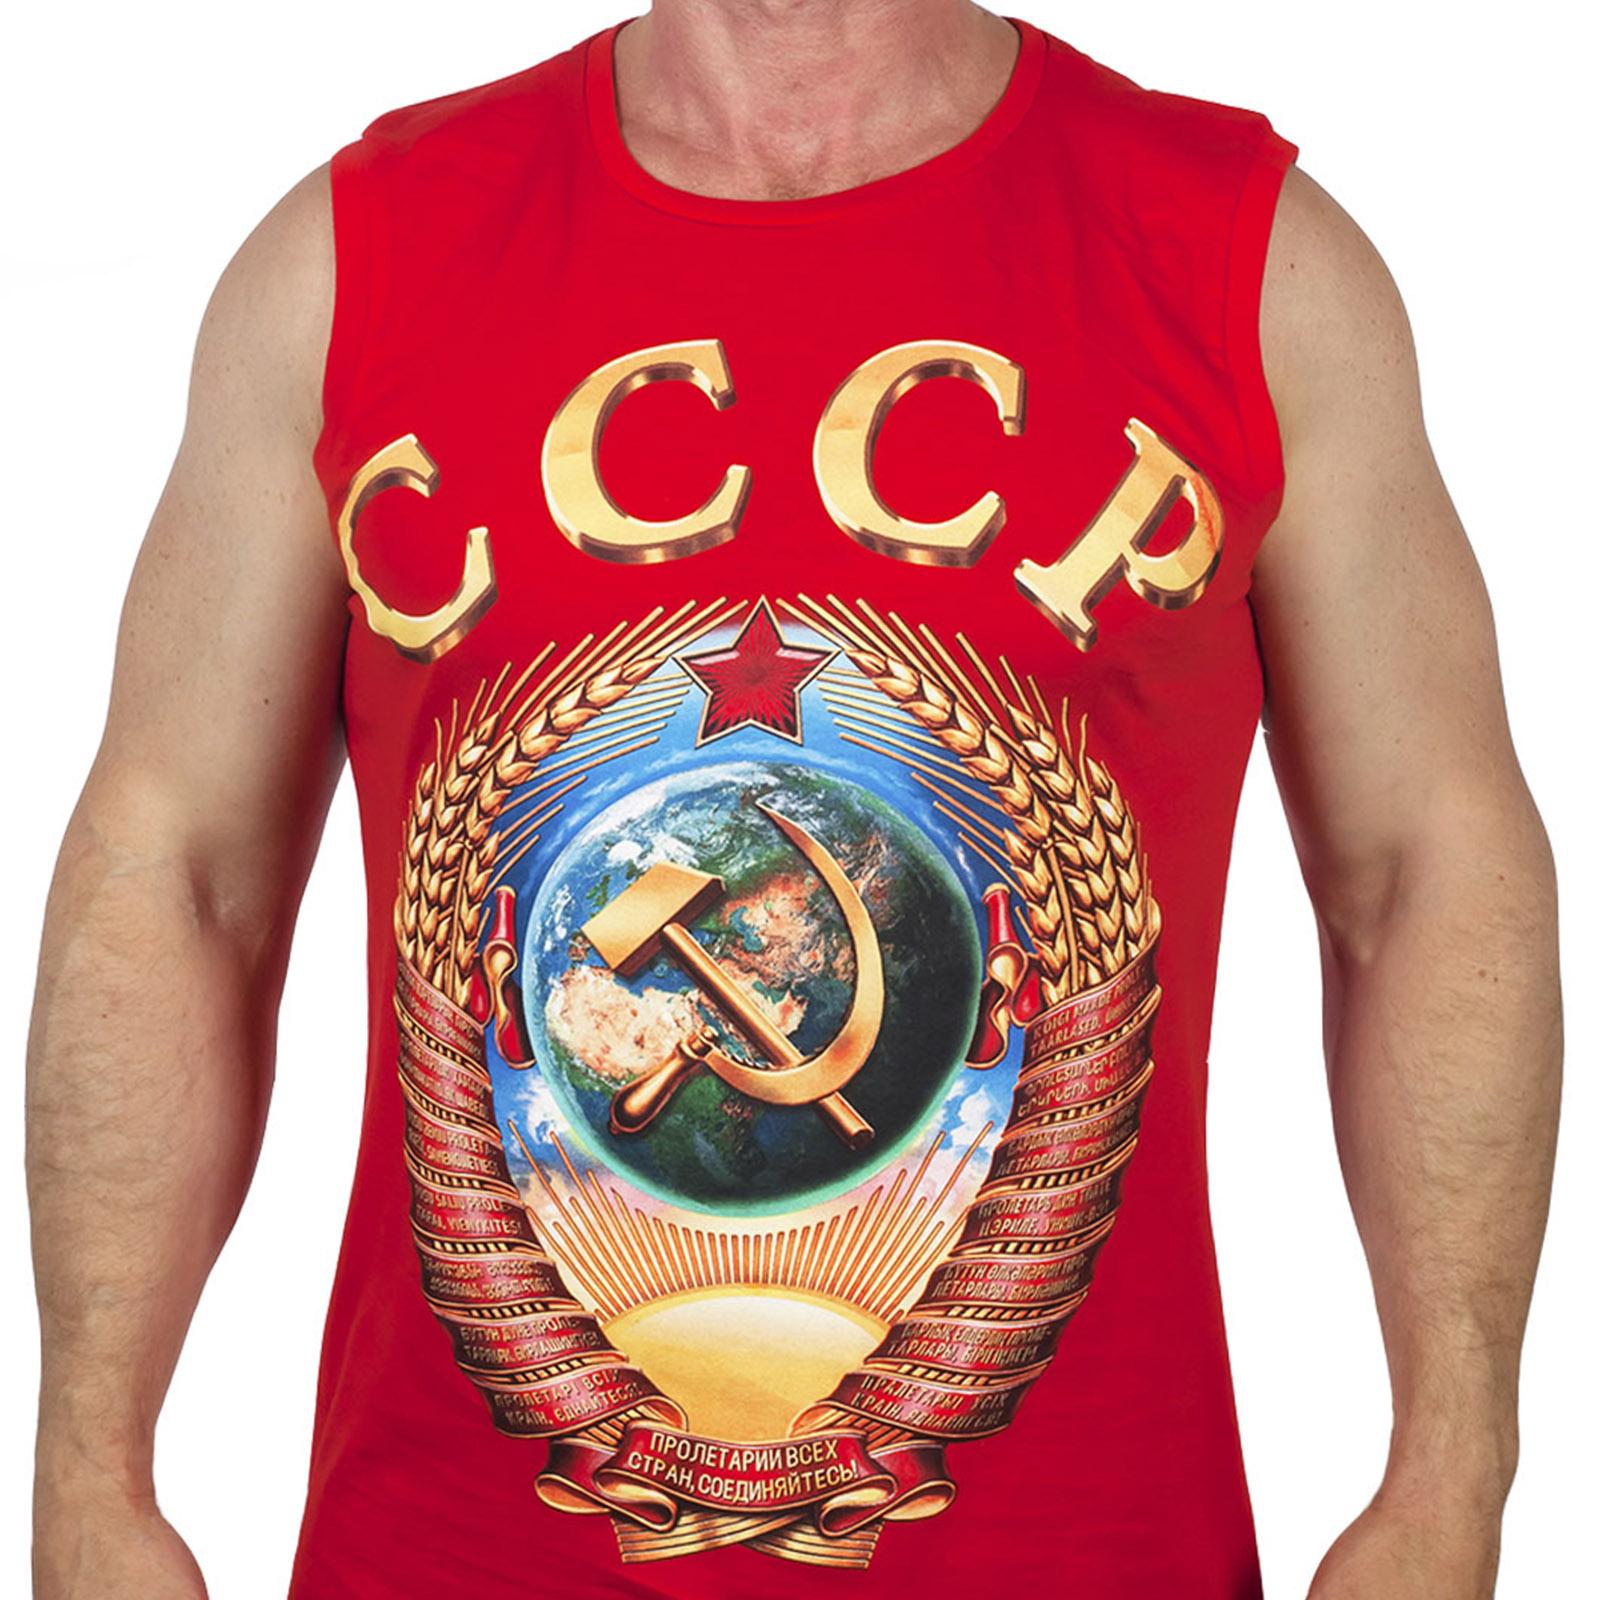 Красная мужская майка ГЕРБ СССР